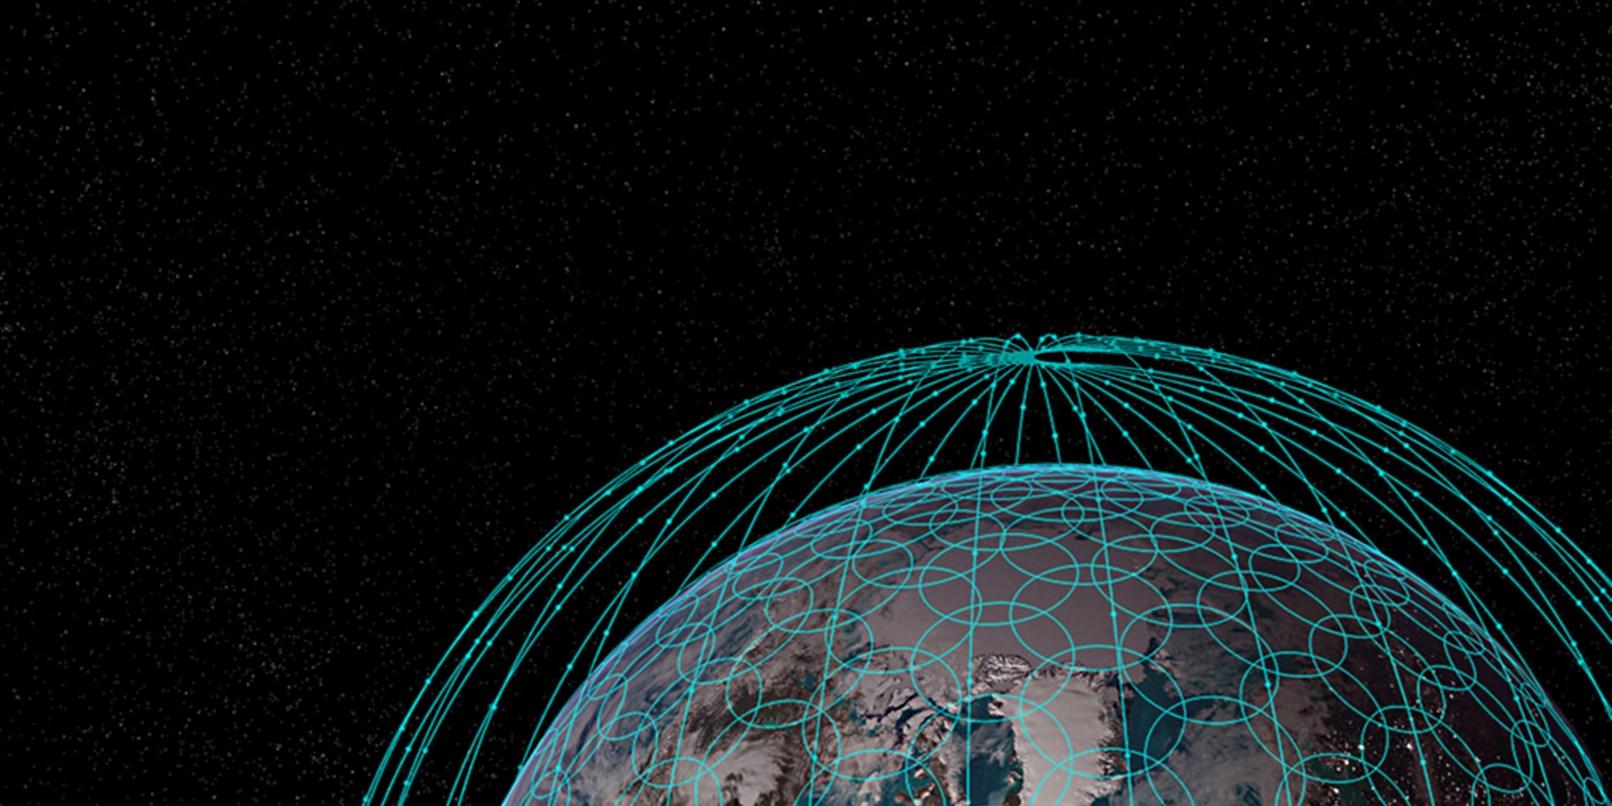 В России планируют создать новую гибридную сеть спутниковой и сотовой связи